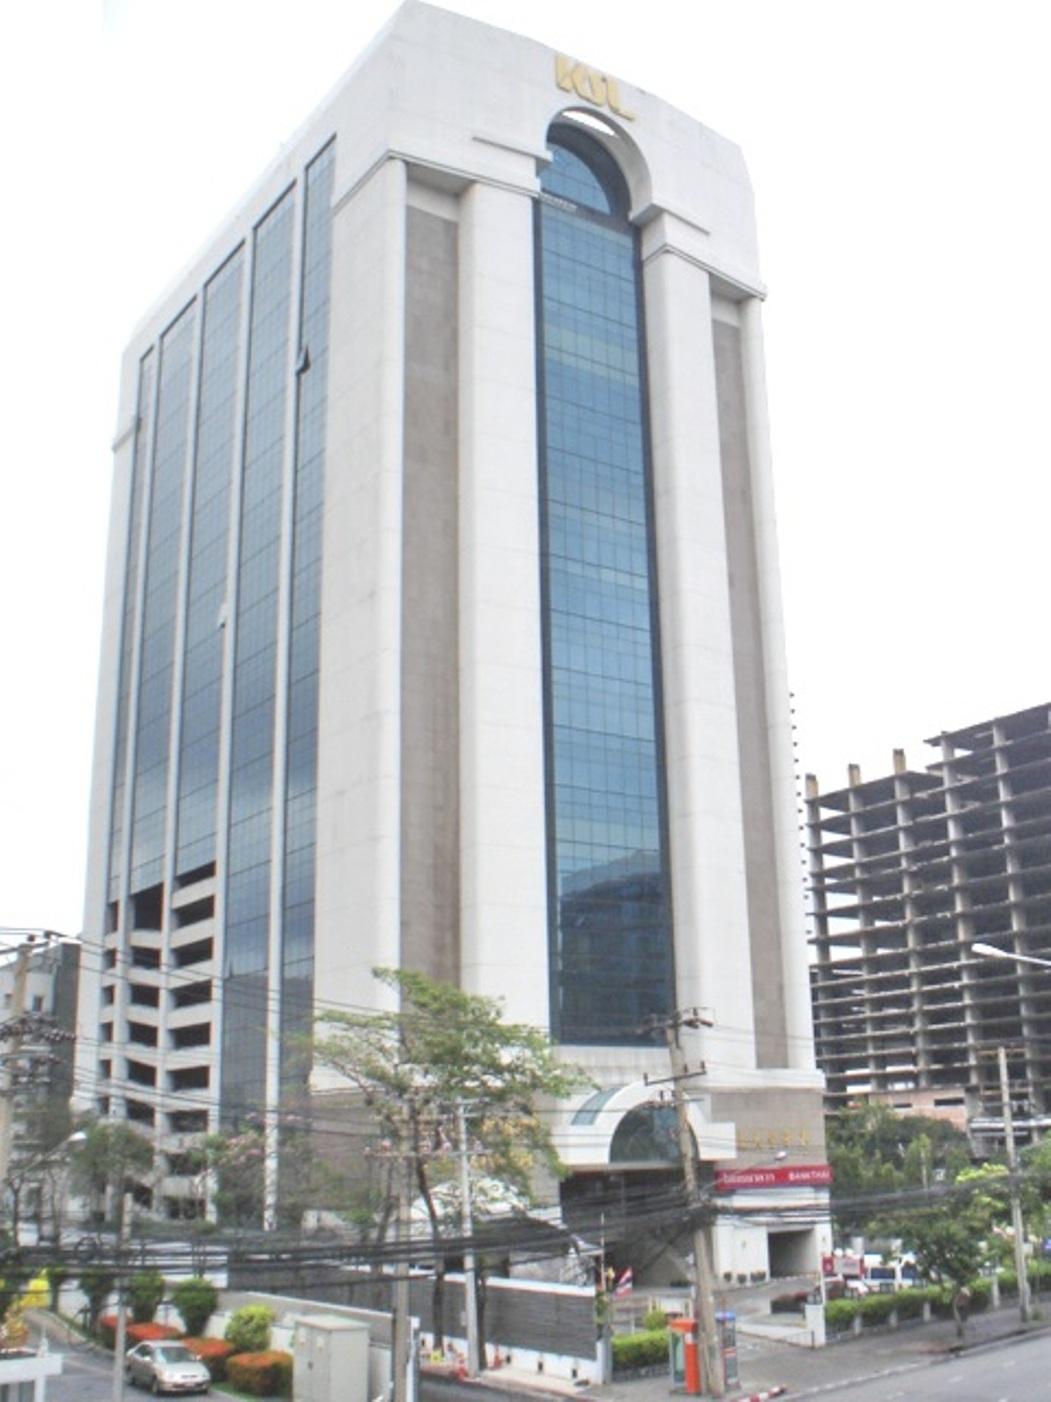 KSL Tower